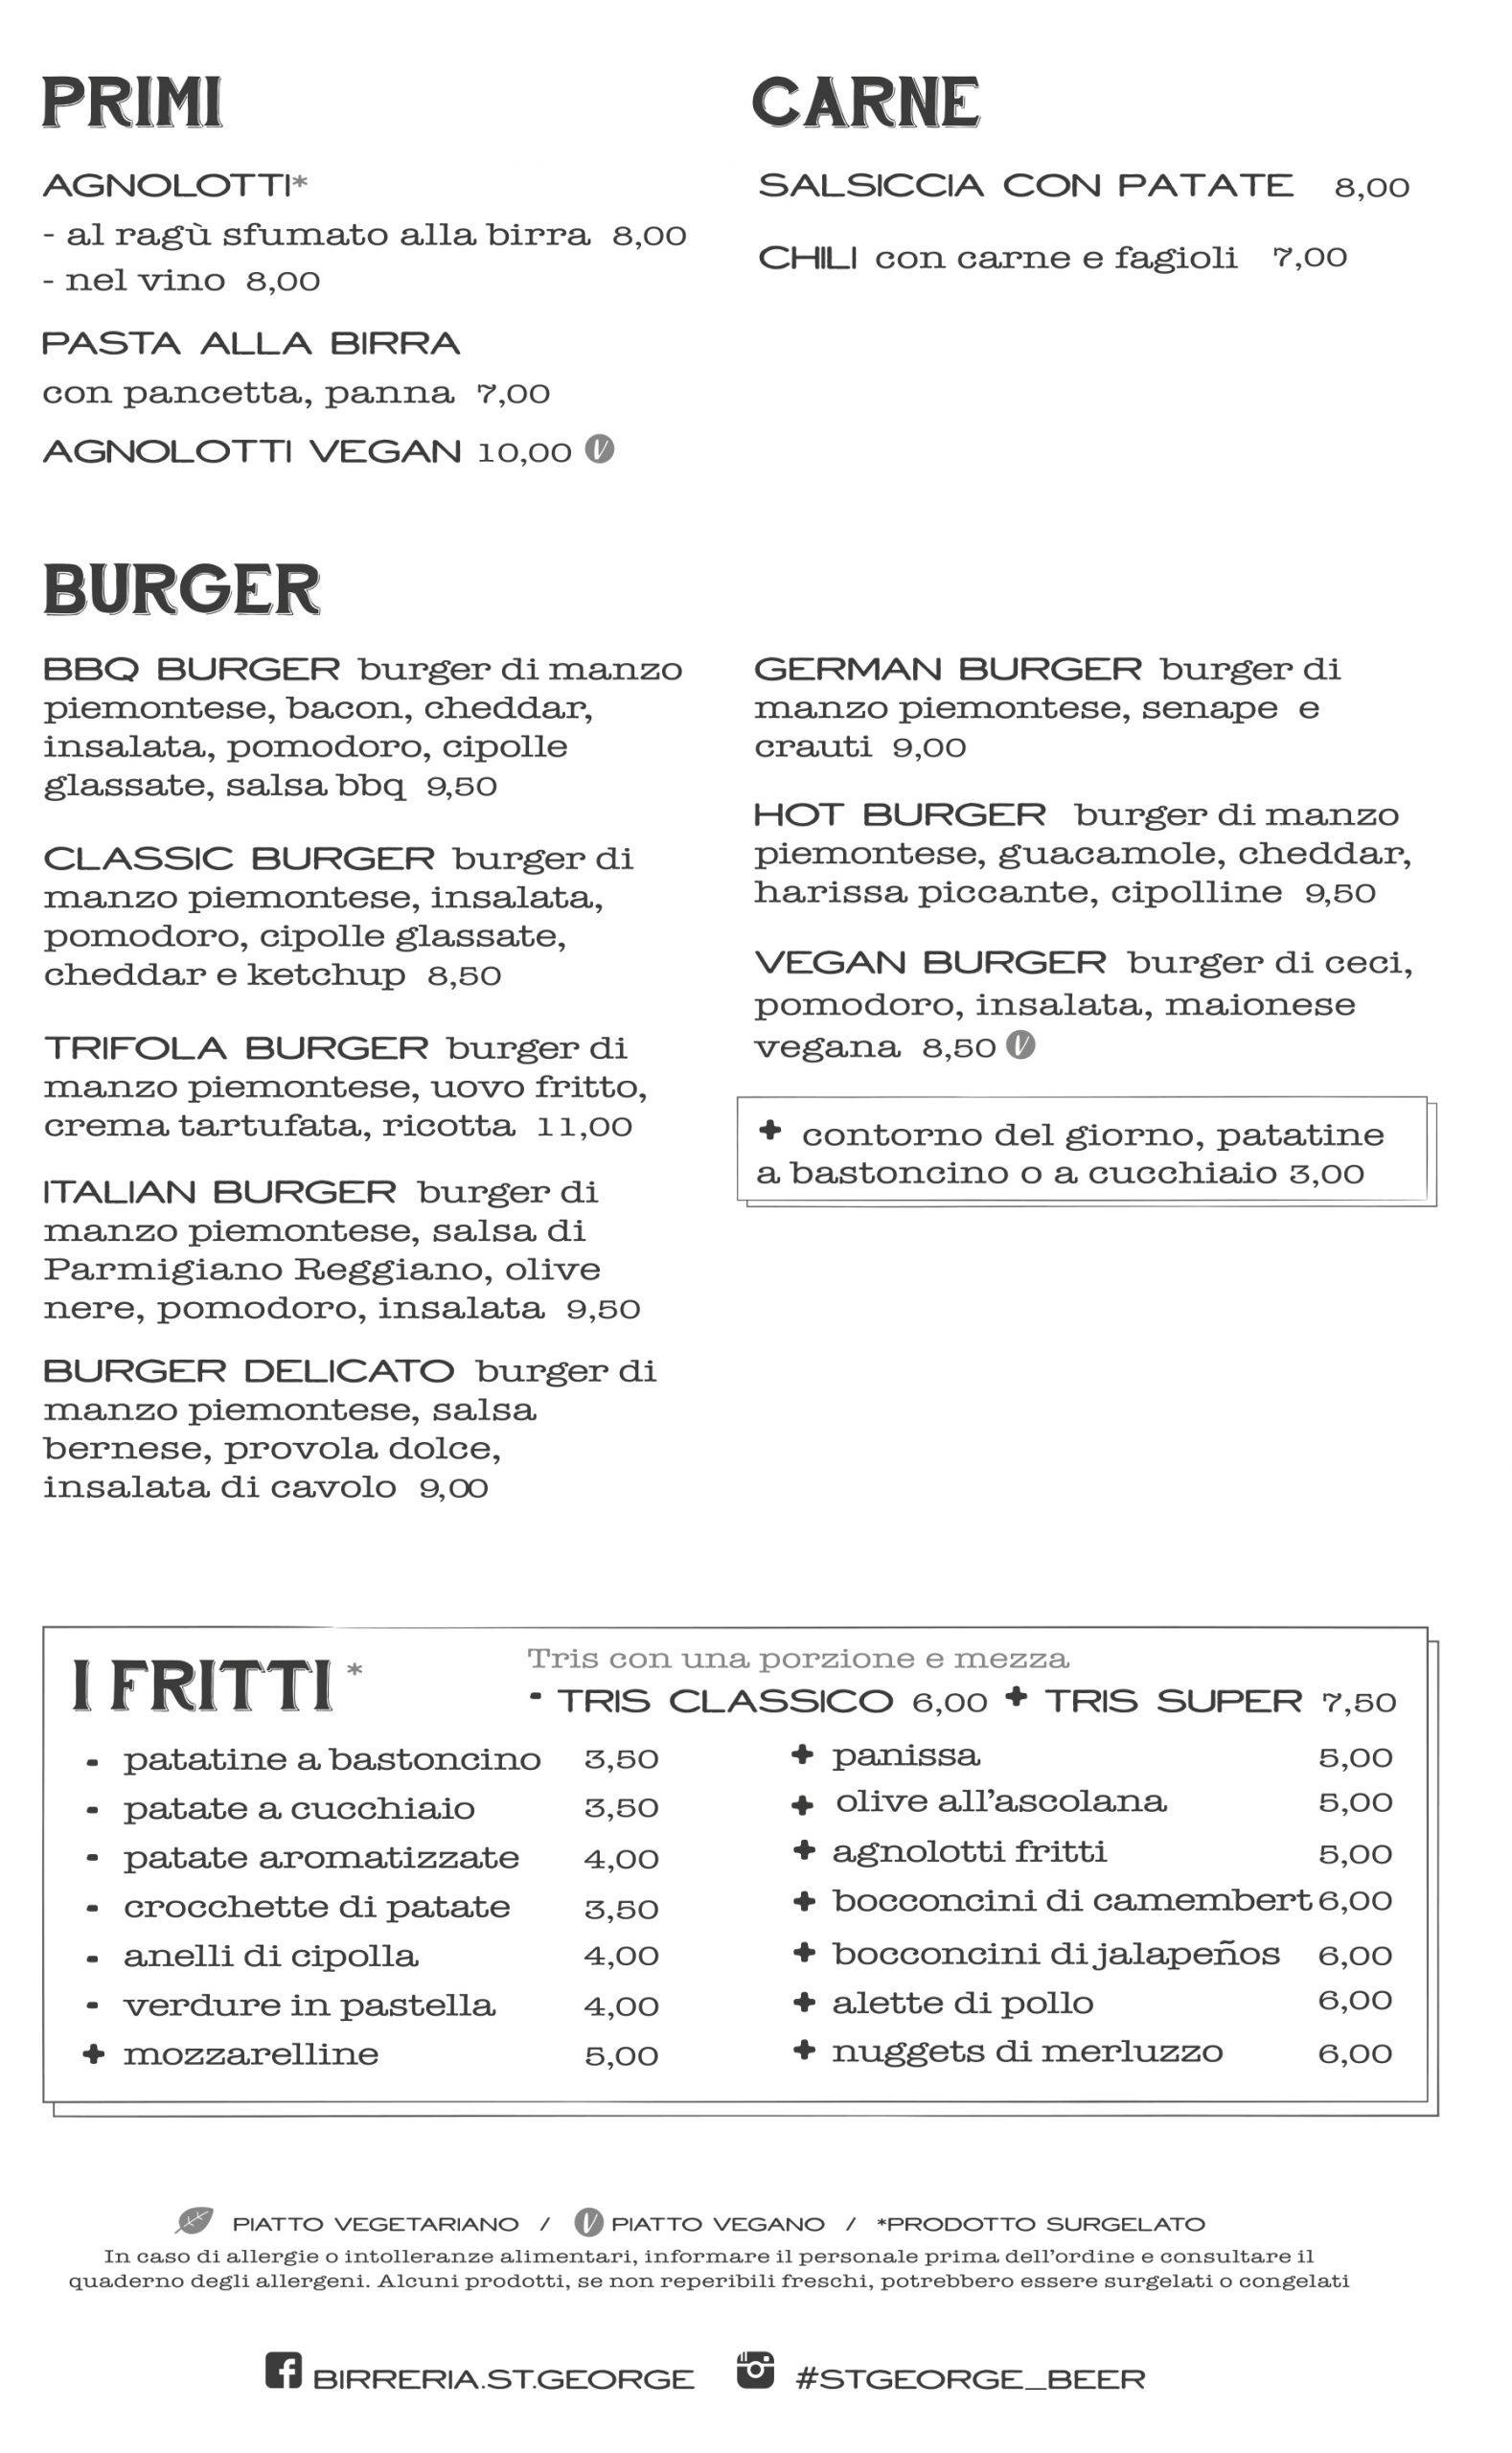 menu birreria novi ligure